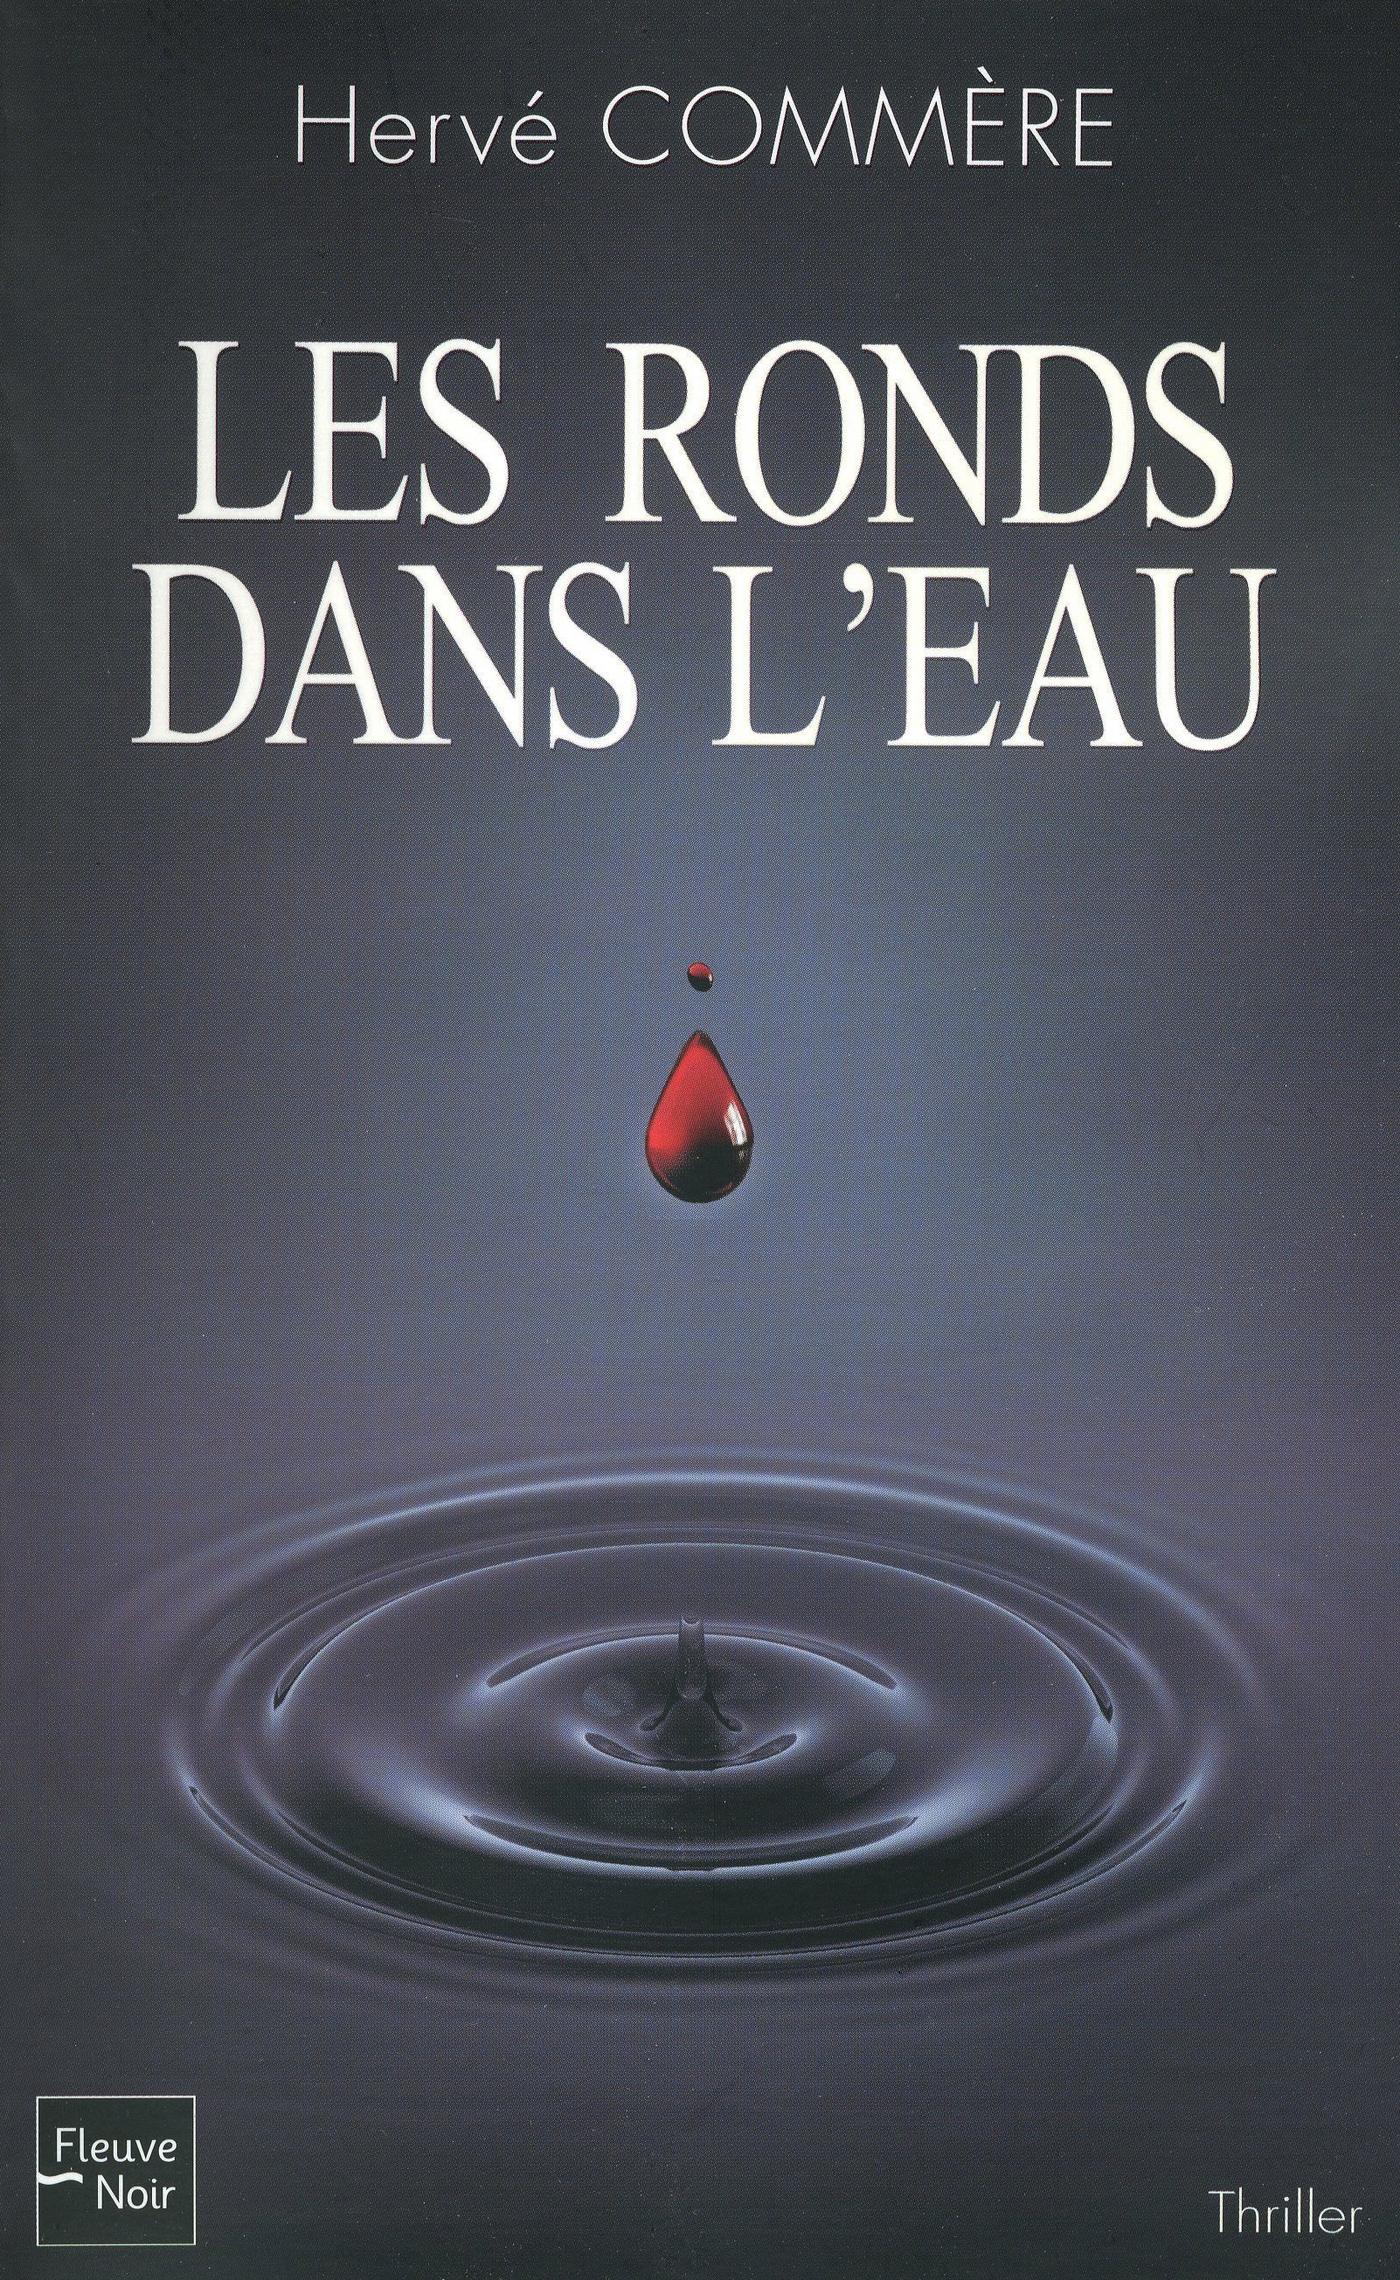 Les ronds dans l'eau | COMMÈRE, Hervé